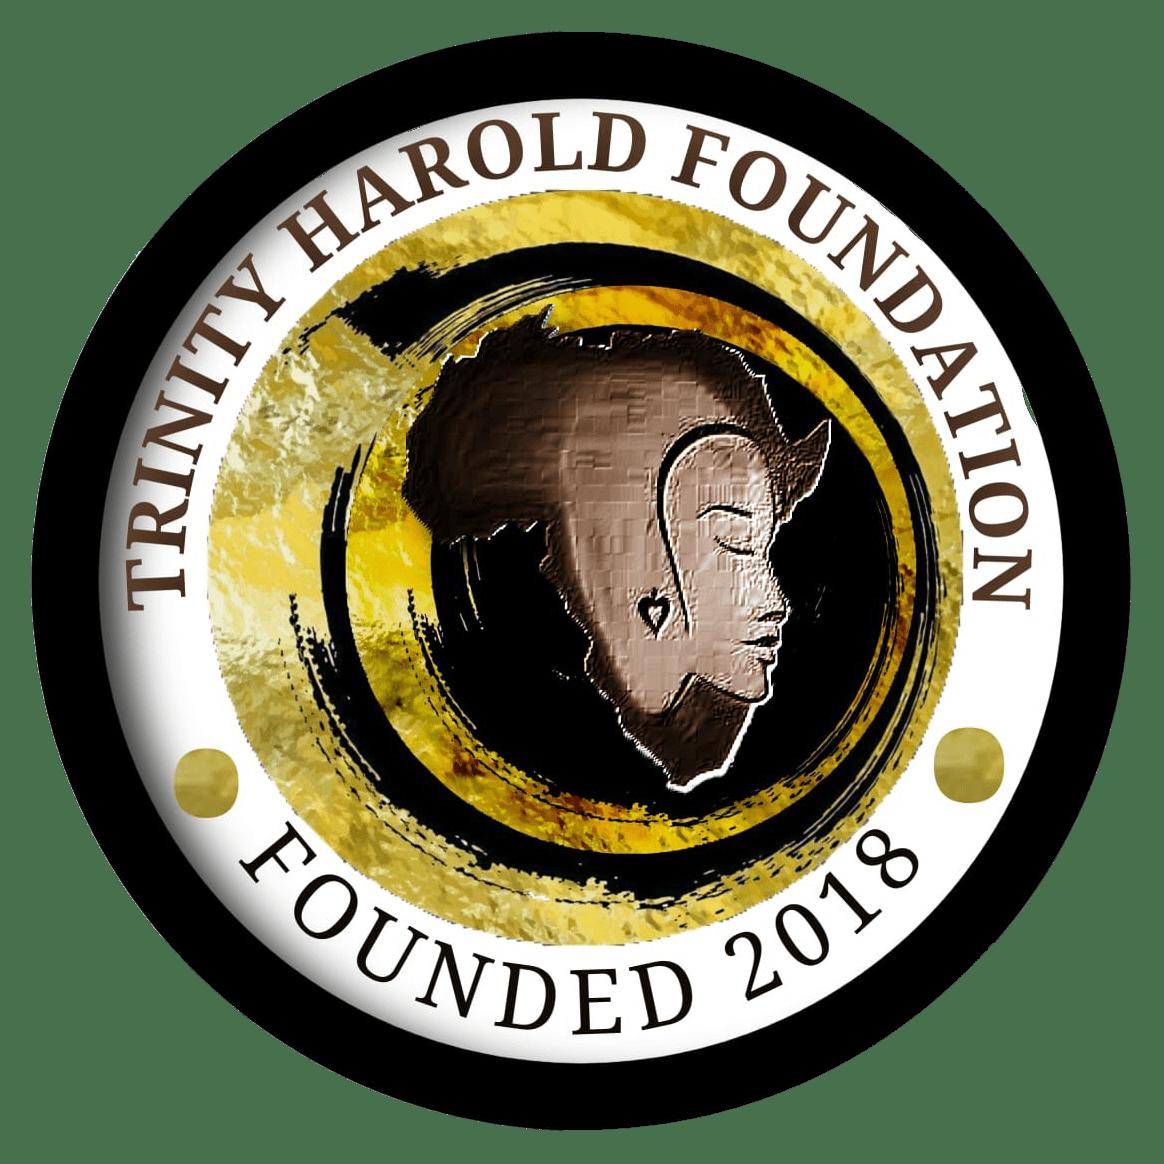 trinity harold foundation logo